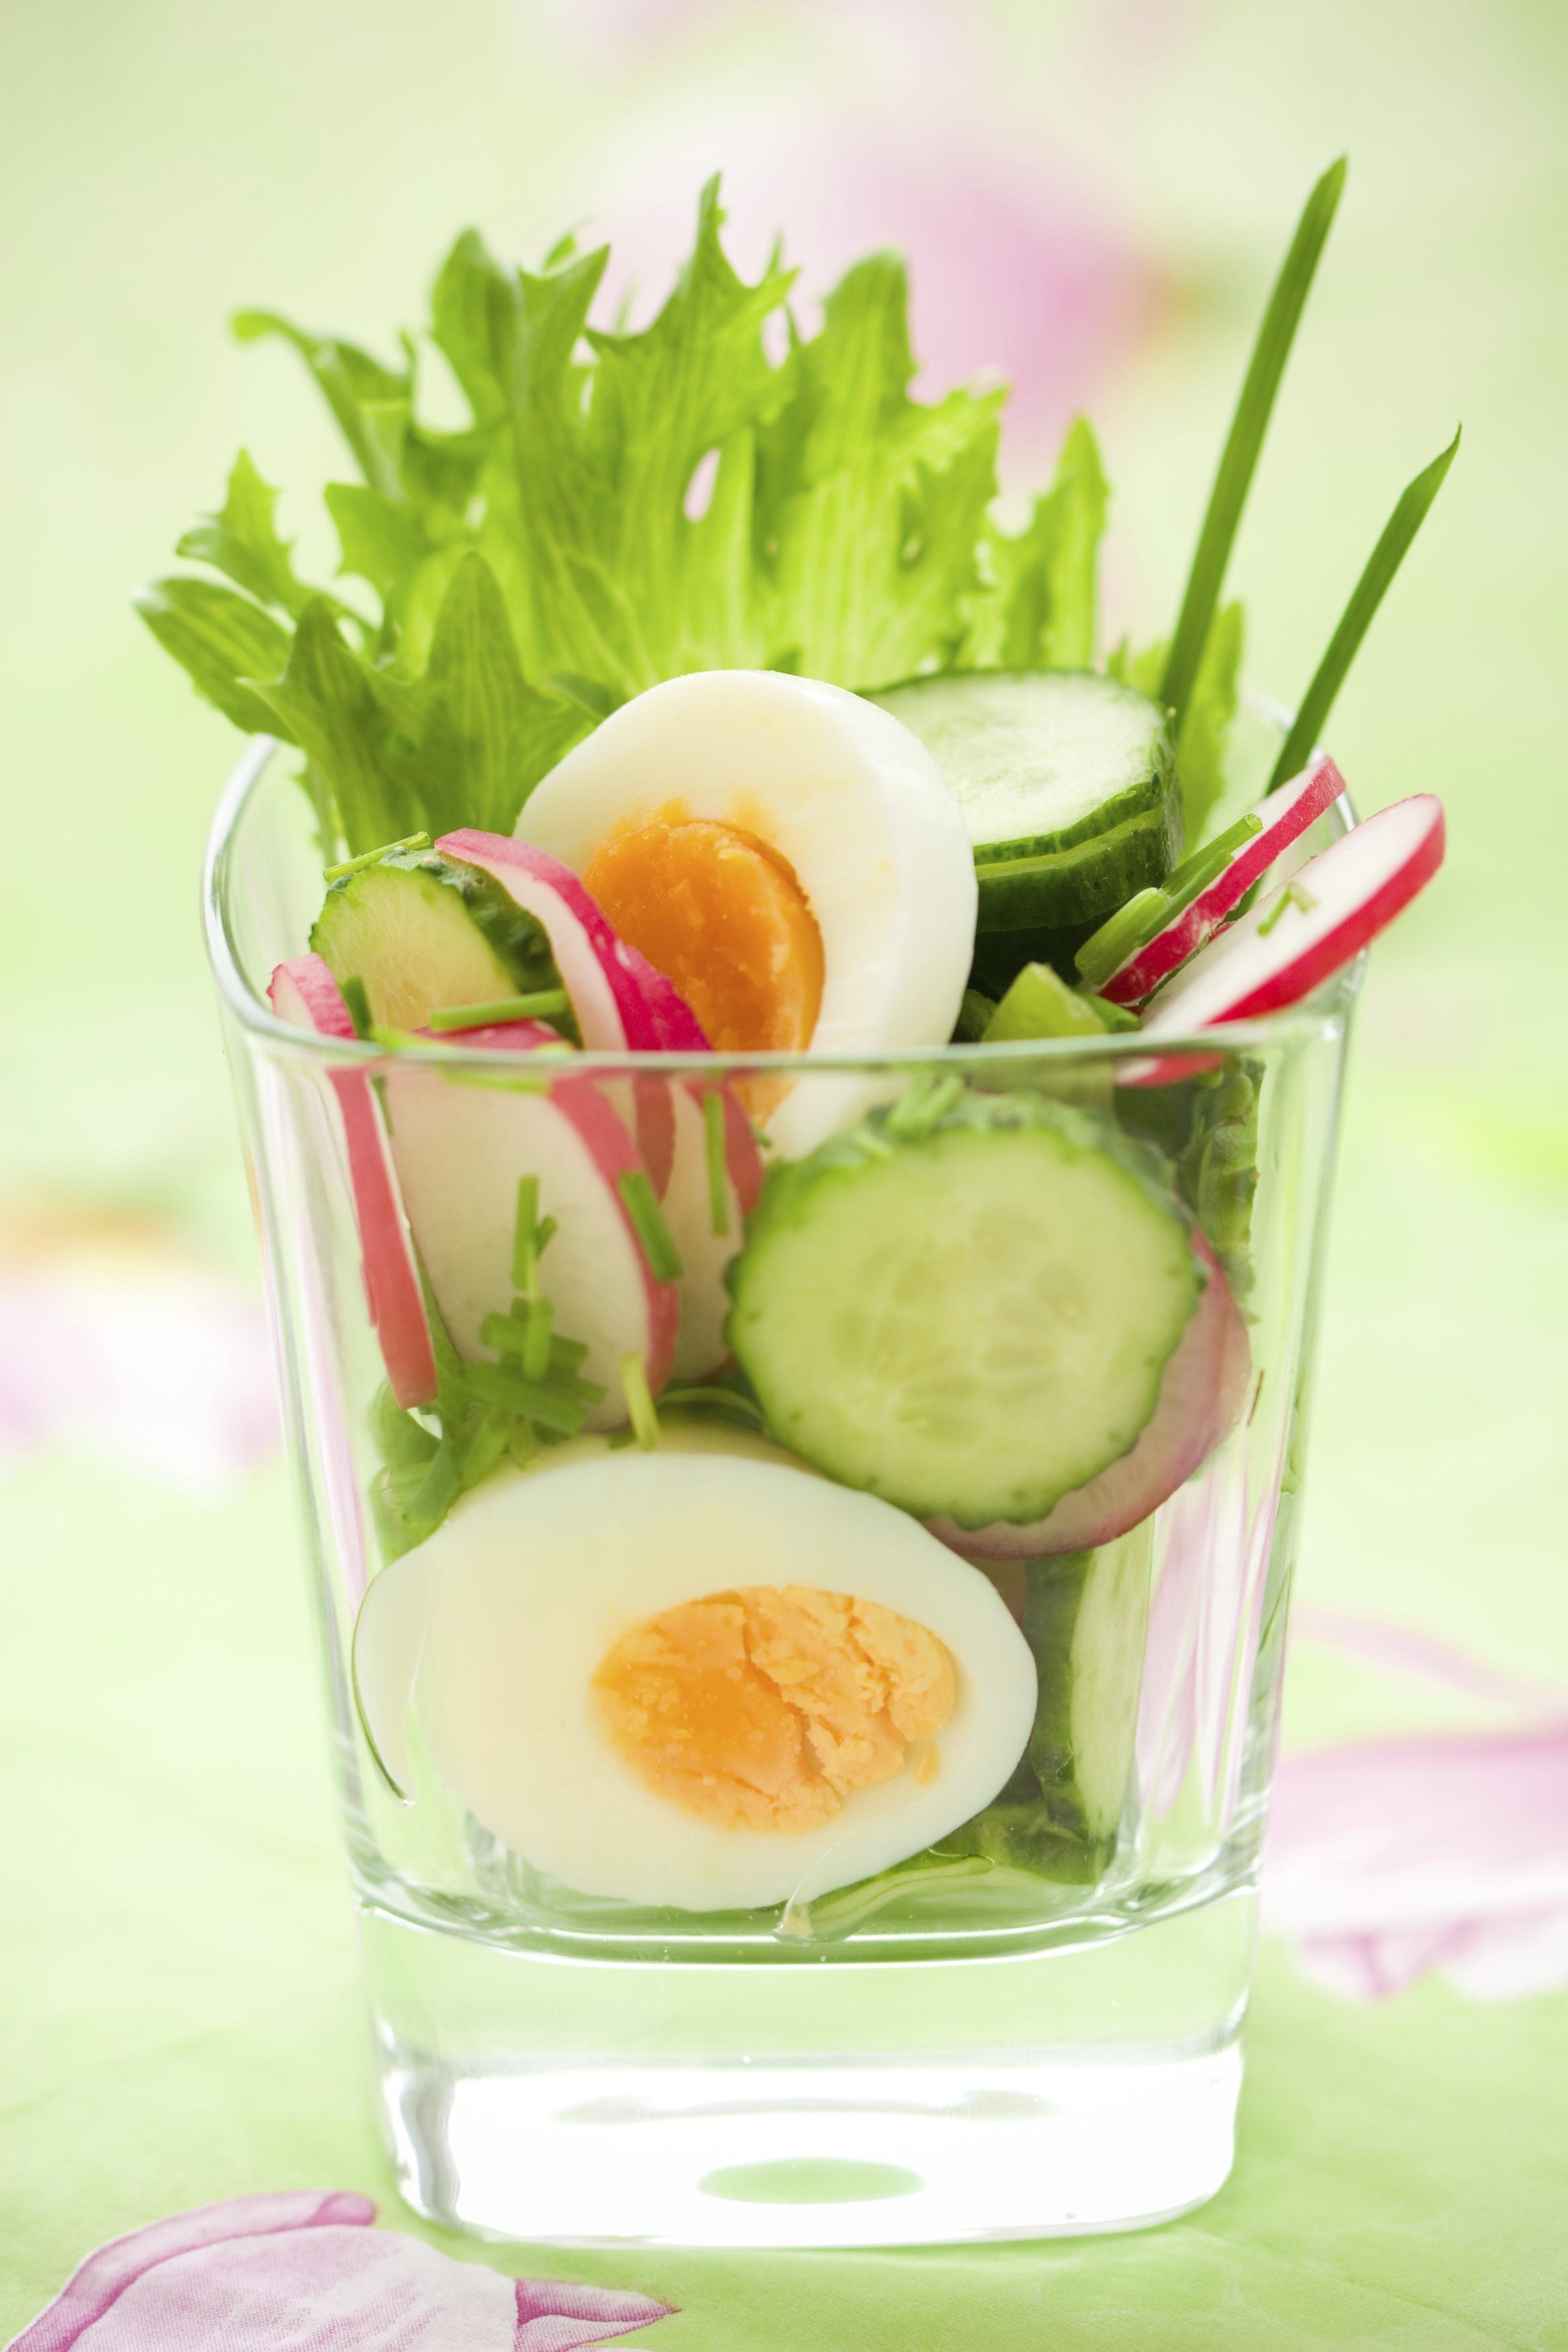 Ensalada de verano con pepino y huevo